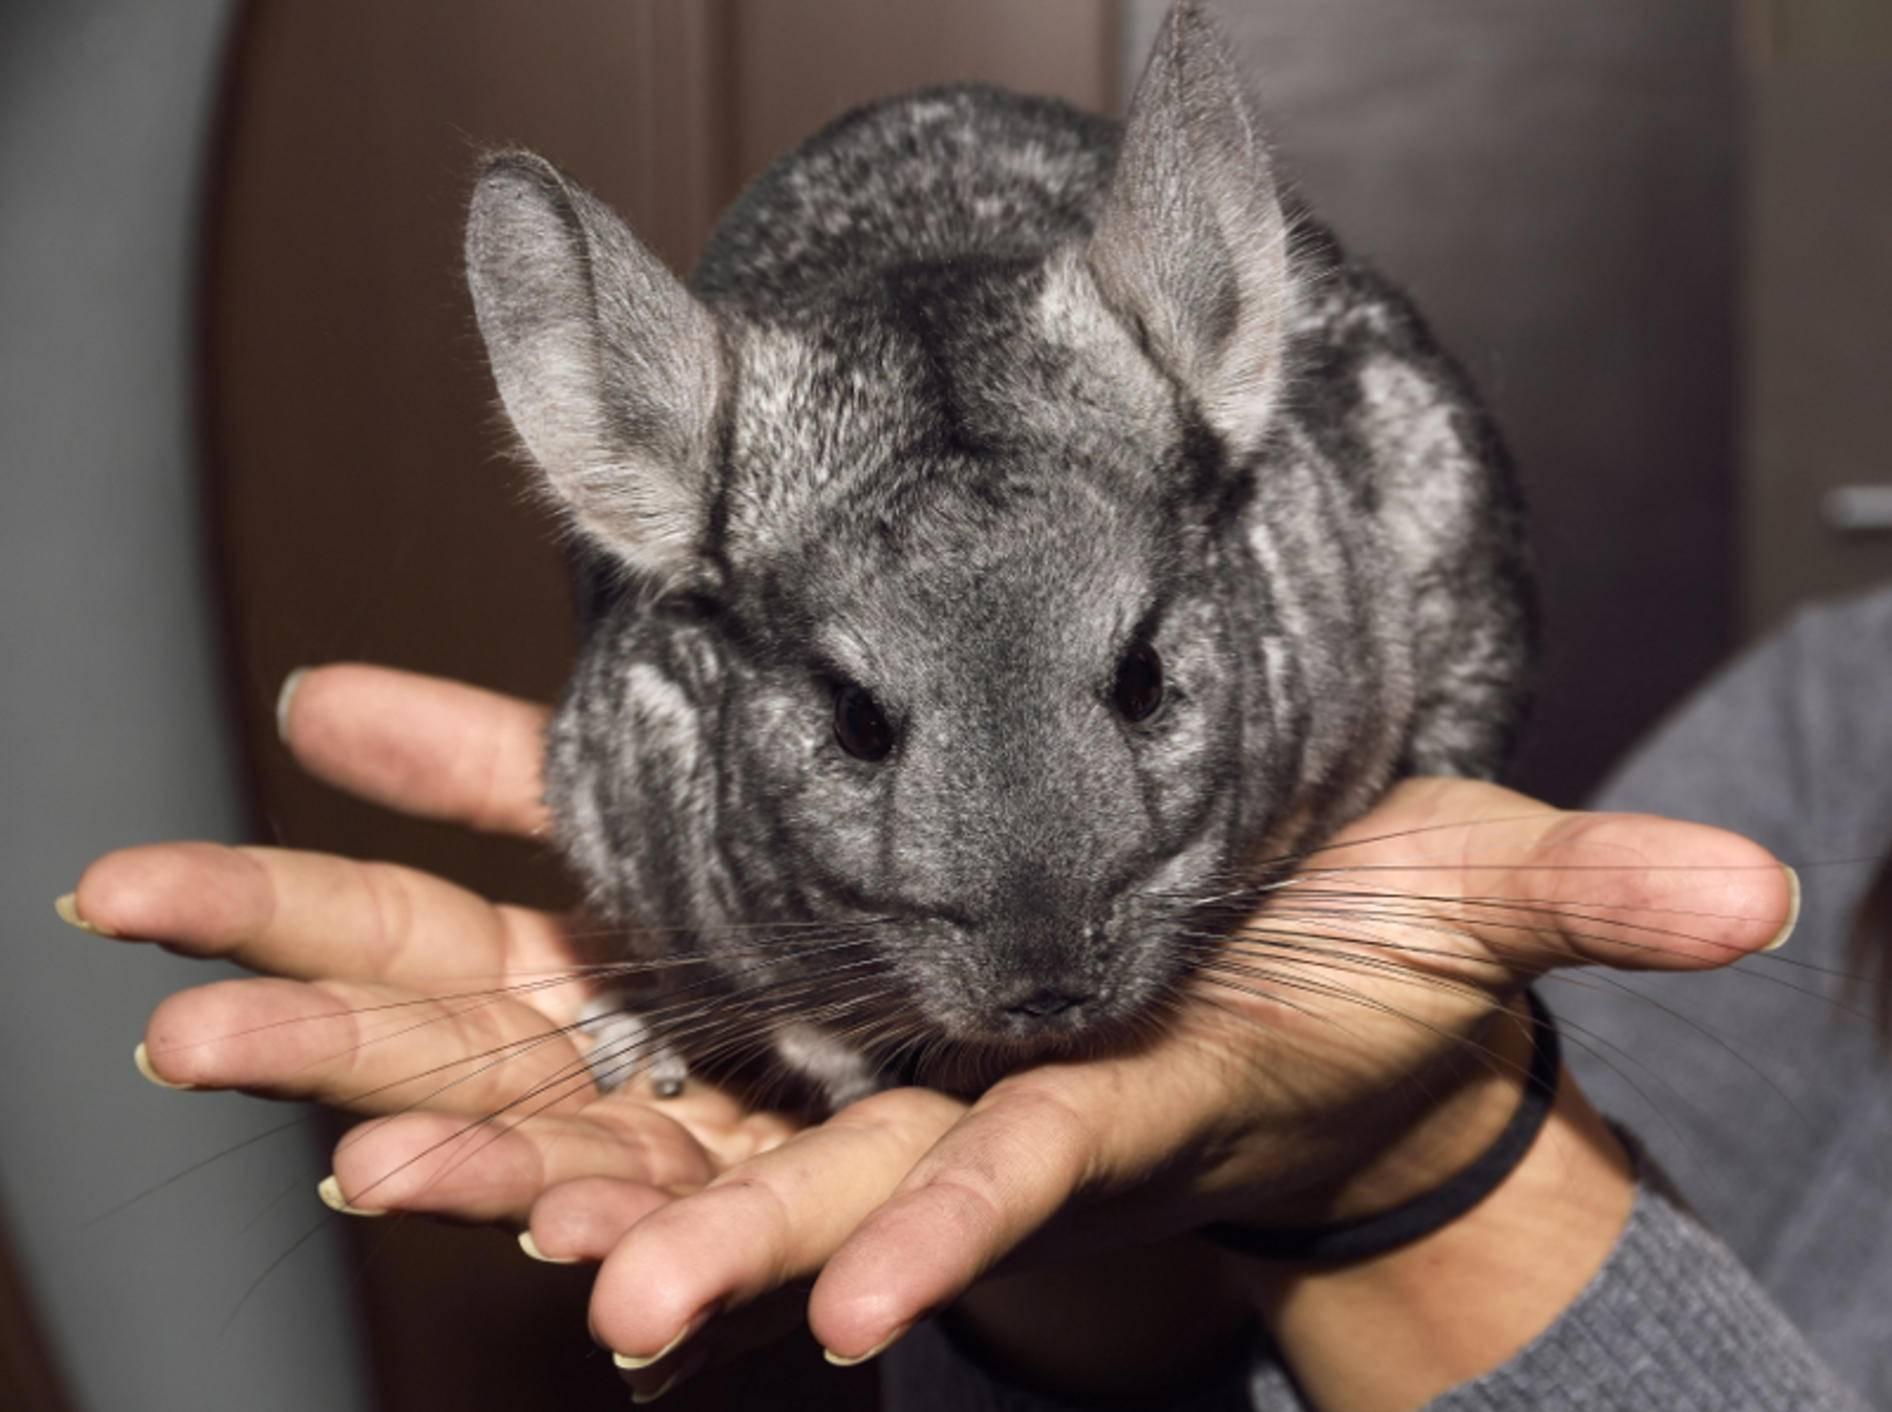 Tatsächlich haben Chinchillas im Vergleich zu anderen Nagern eine sehr hohe Lebenserwartung – Shutterstock / Barsan ATTILA